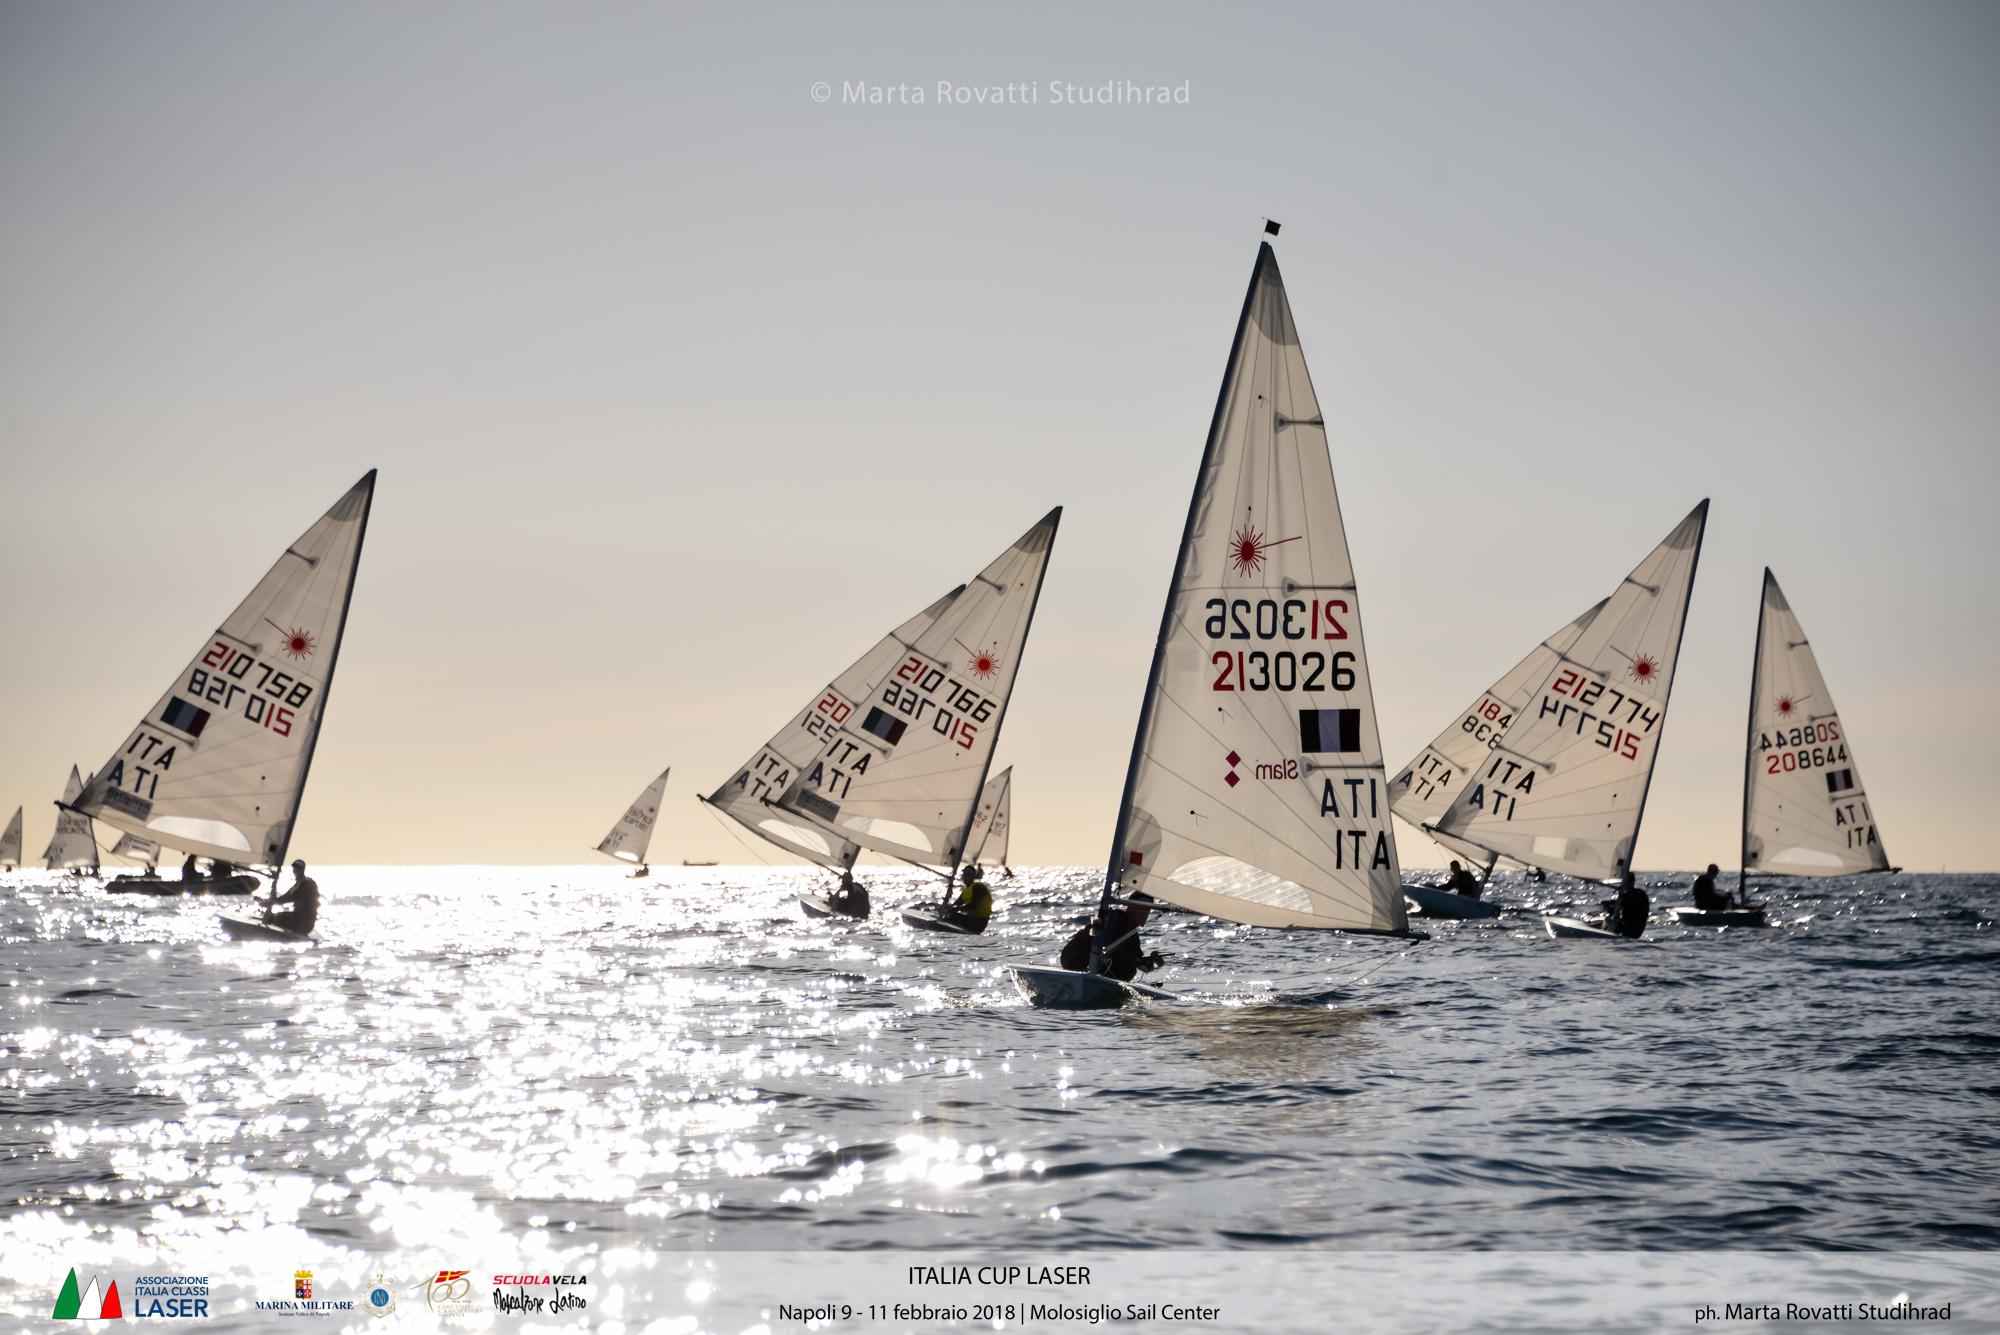 Associazione-Italia-Classi-Laser-2018-NapoliMGR_0311